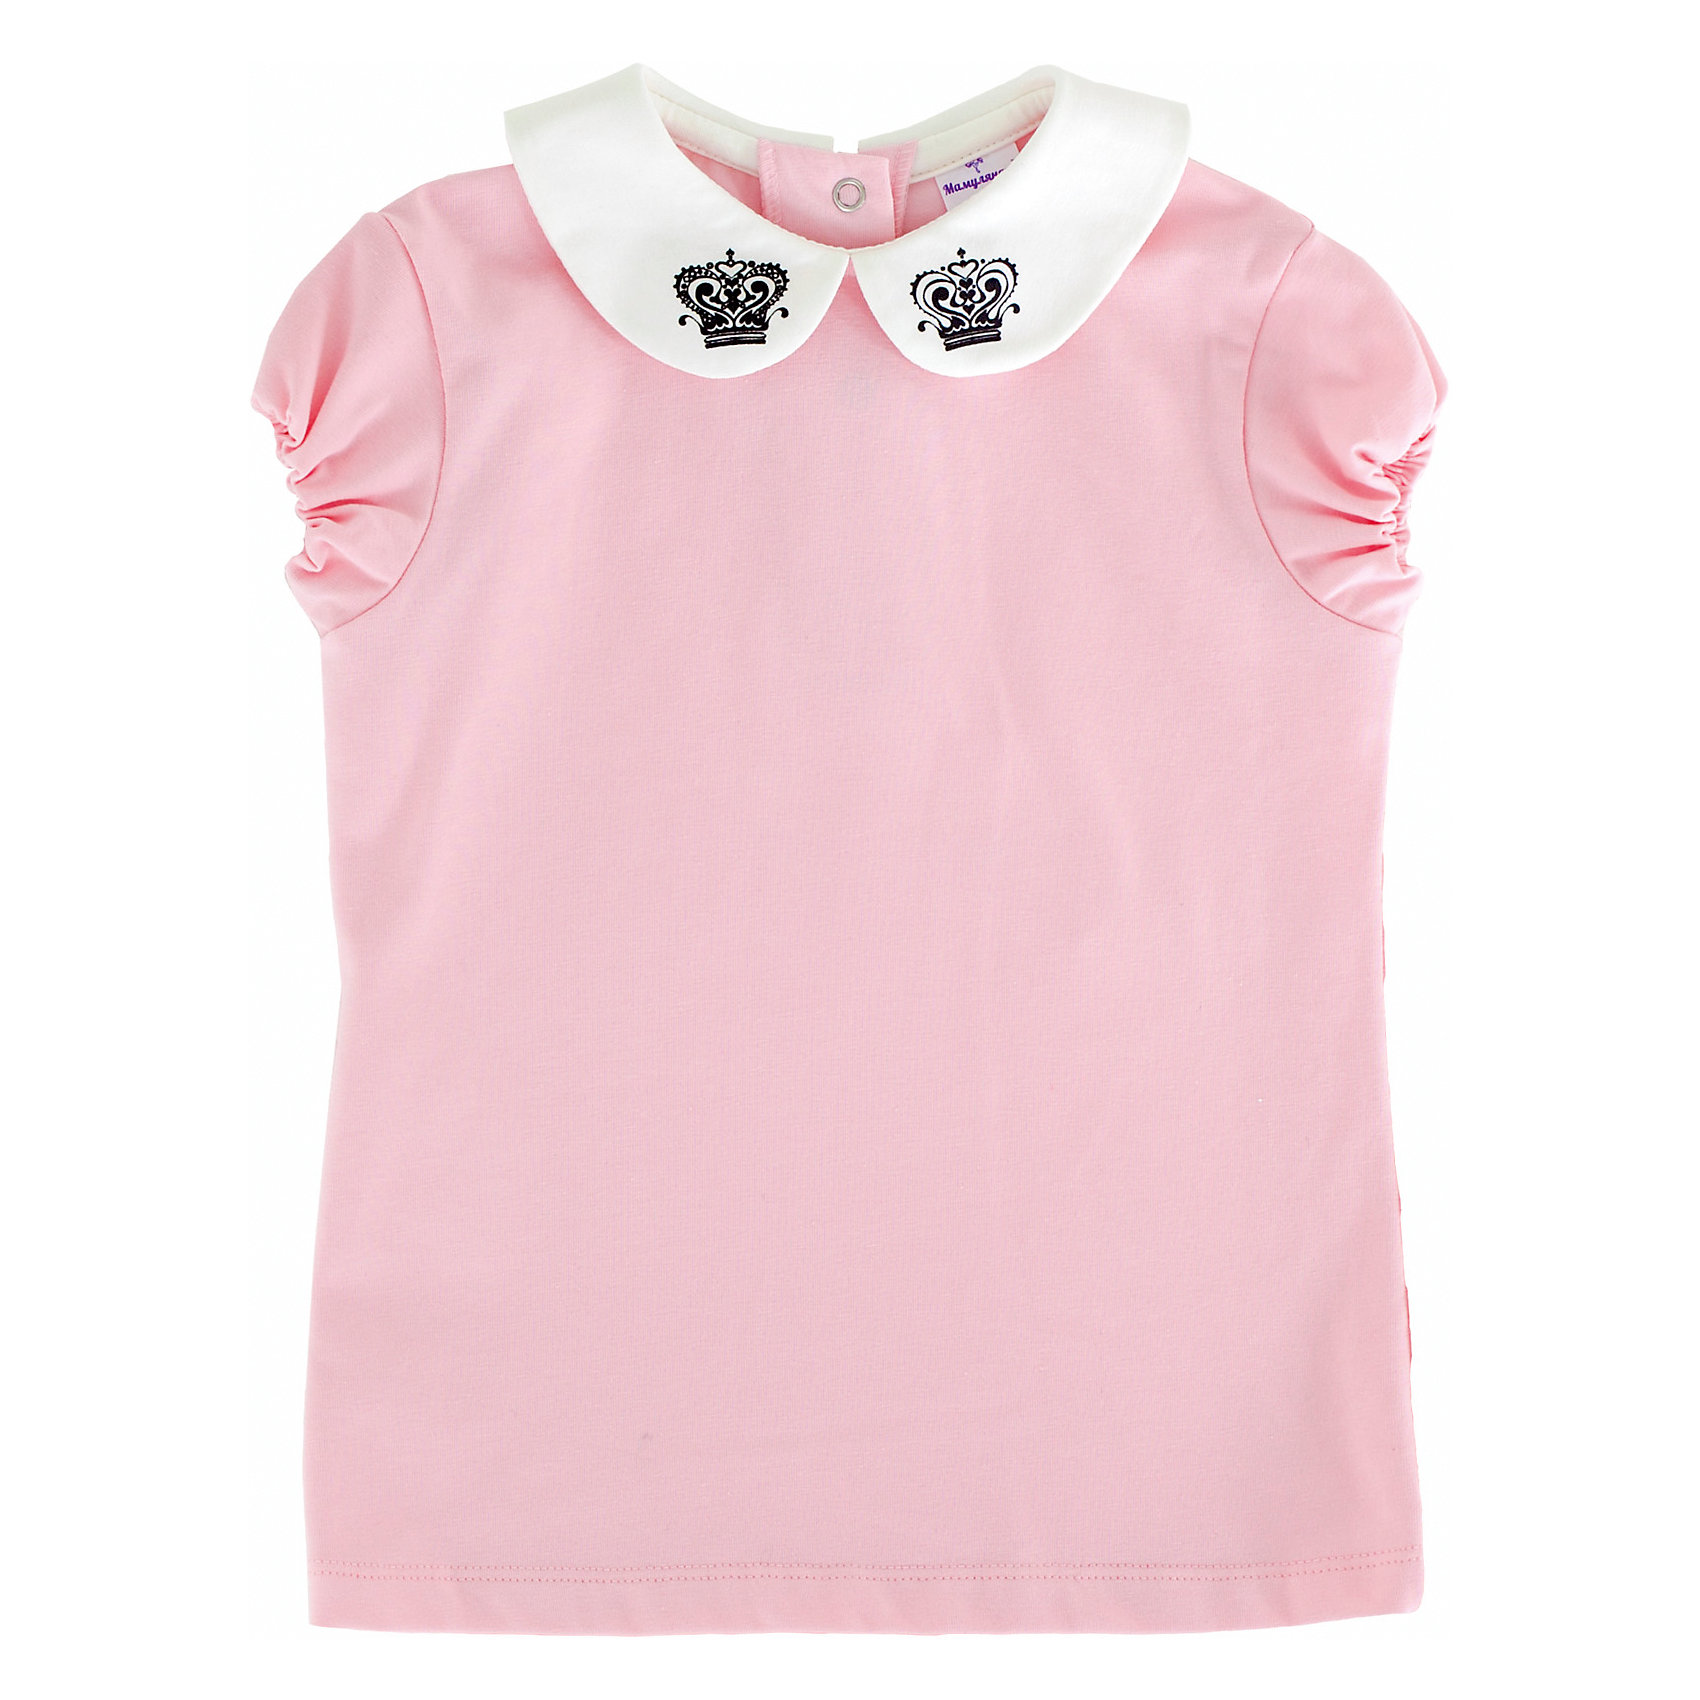 Блуза для девочки МамуляндияБлузки и рубашки<br>Блуза для девочки Мамуляндия<br>Блуза для девочки из дизайнерской коллекции Алиса. Изготовлена из трикотажного полотна высшего качества.<br>Модель с коротким рукавом и отложным воротничком.<br>Гипоаллергенный принт на водной основе, застёжка на спинке на кнопку из гипоаллергенного сплава без содержания никеля. <br><br>Состав 100% хлопок (кулирка-пенье). <br>Рекомендации по уходу: стирать при 40 С, гладить при средней температуре, носить с удовольствием!<br><br>Состав:<br>100% хлопок<br><br>Ширина мм: 186<br>Глубина мм: 87<br>Высота мм: 198<br>Вес г: 197<br>Цвет: розовый<br>Возраст от месяцев: 72<br>Возраст до месяцев: 84<br>Пол: Женский<br>Возраст: Детский<br>Размер: 122,92,98,104,110,116<br>SKU: 5513852